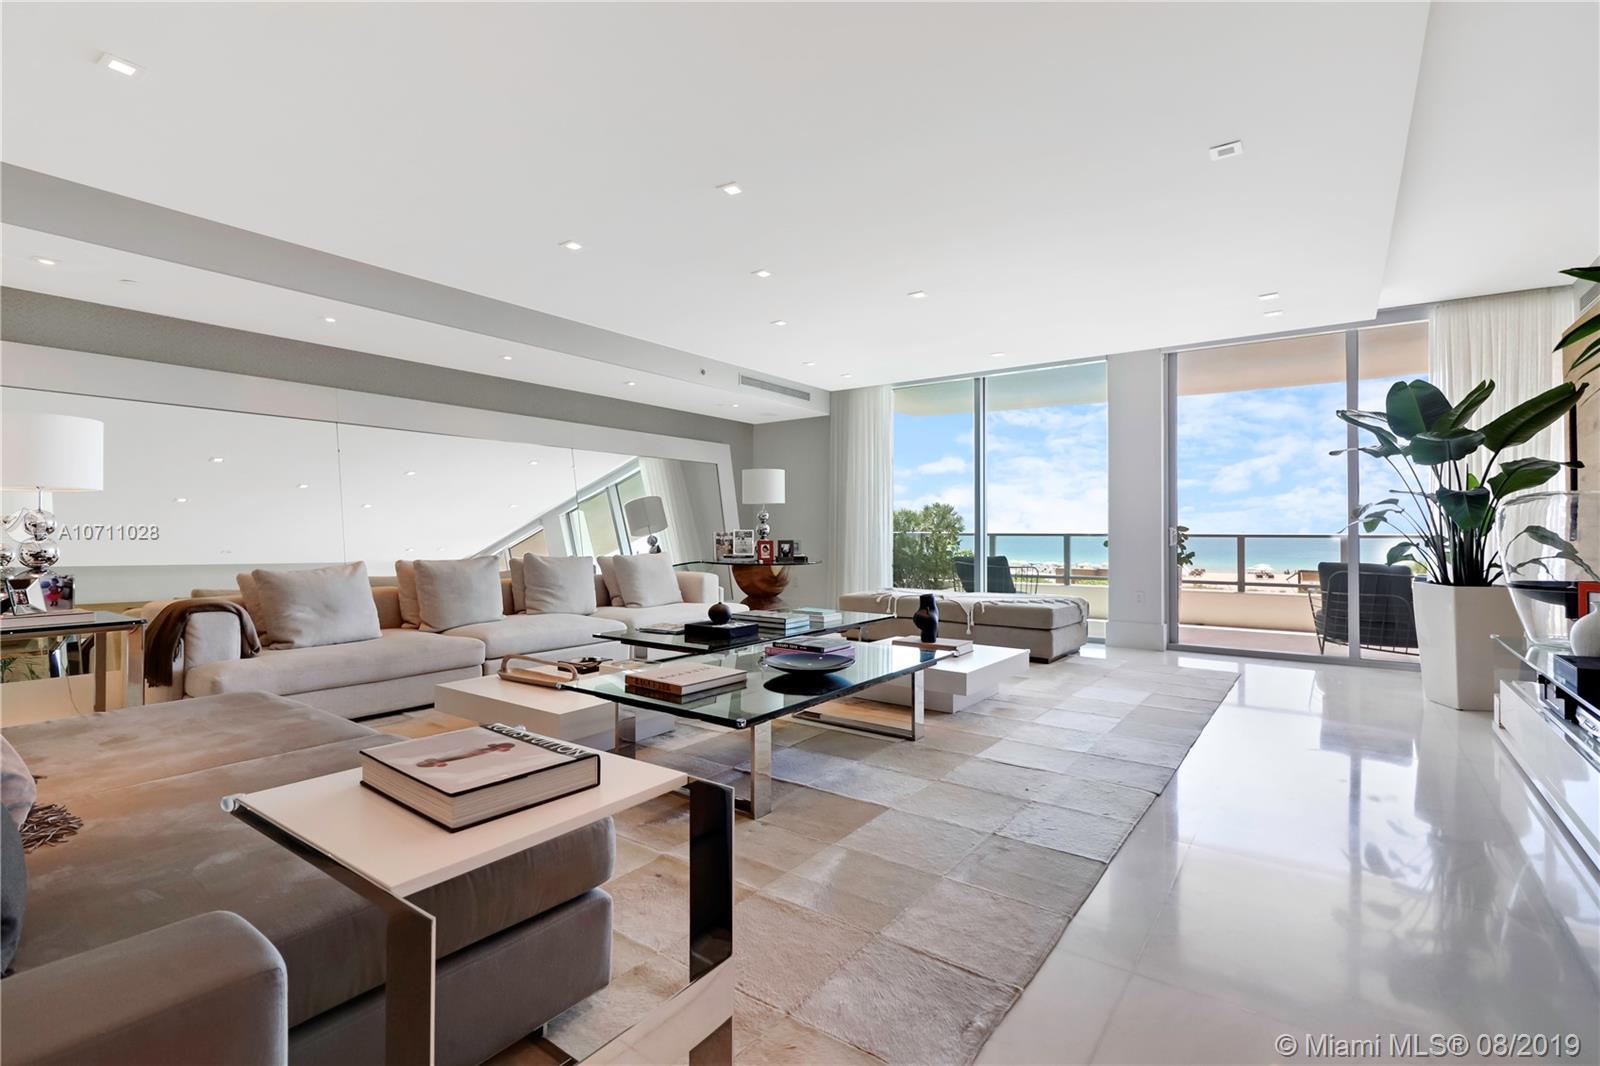 125 Ocean Dr, Unit #U-0302 Luxury Real Estate